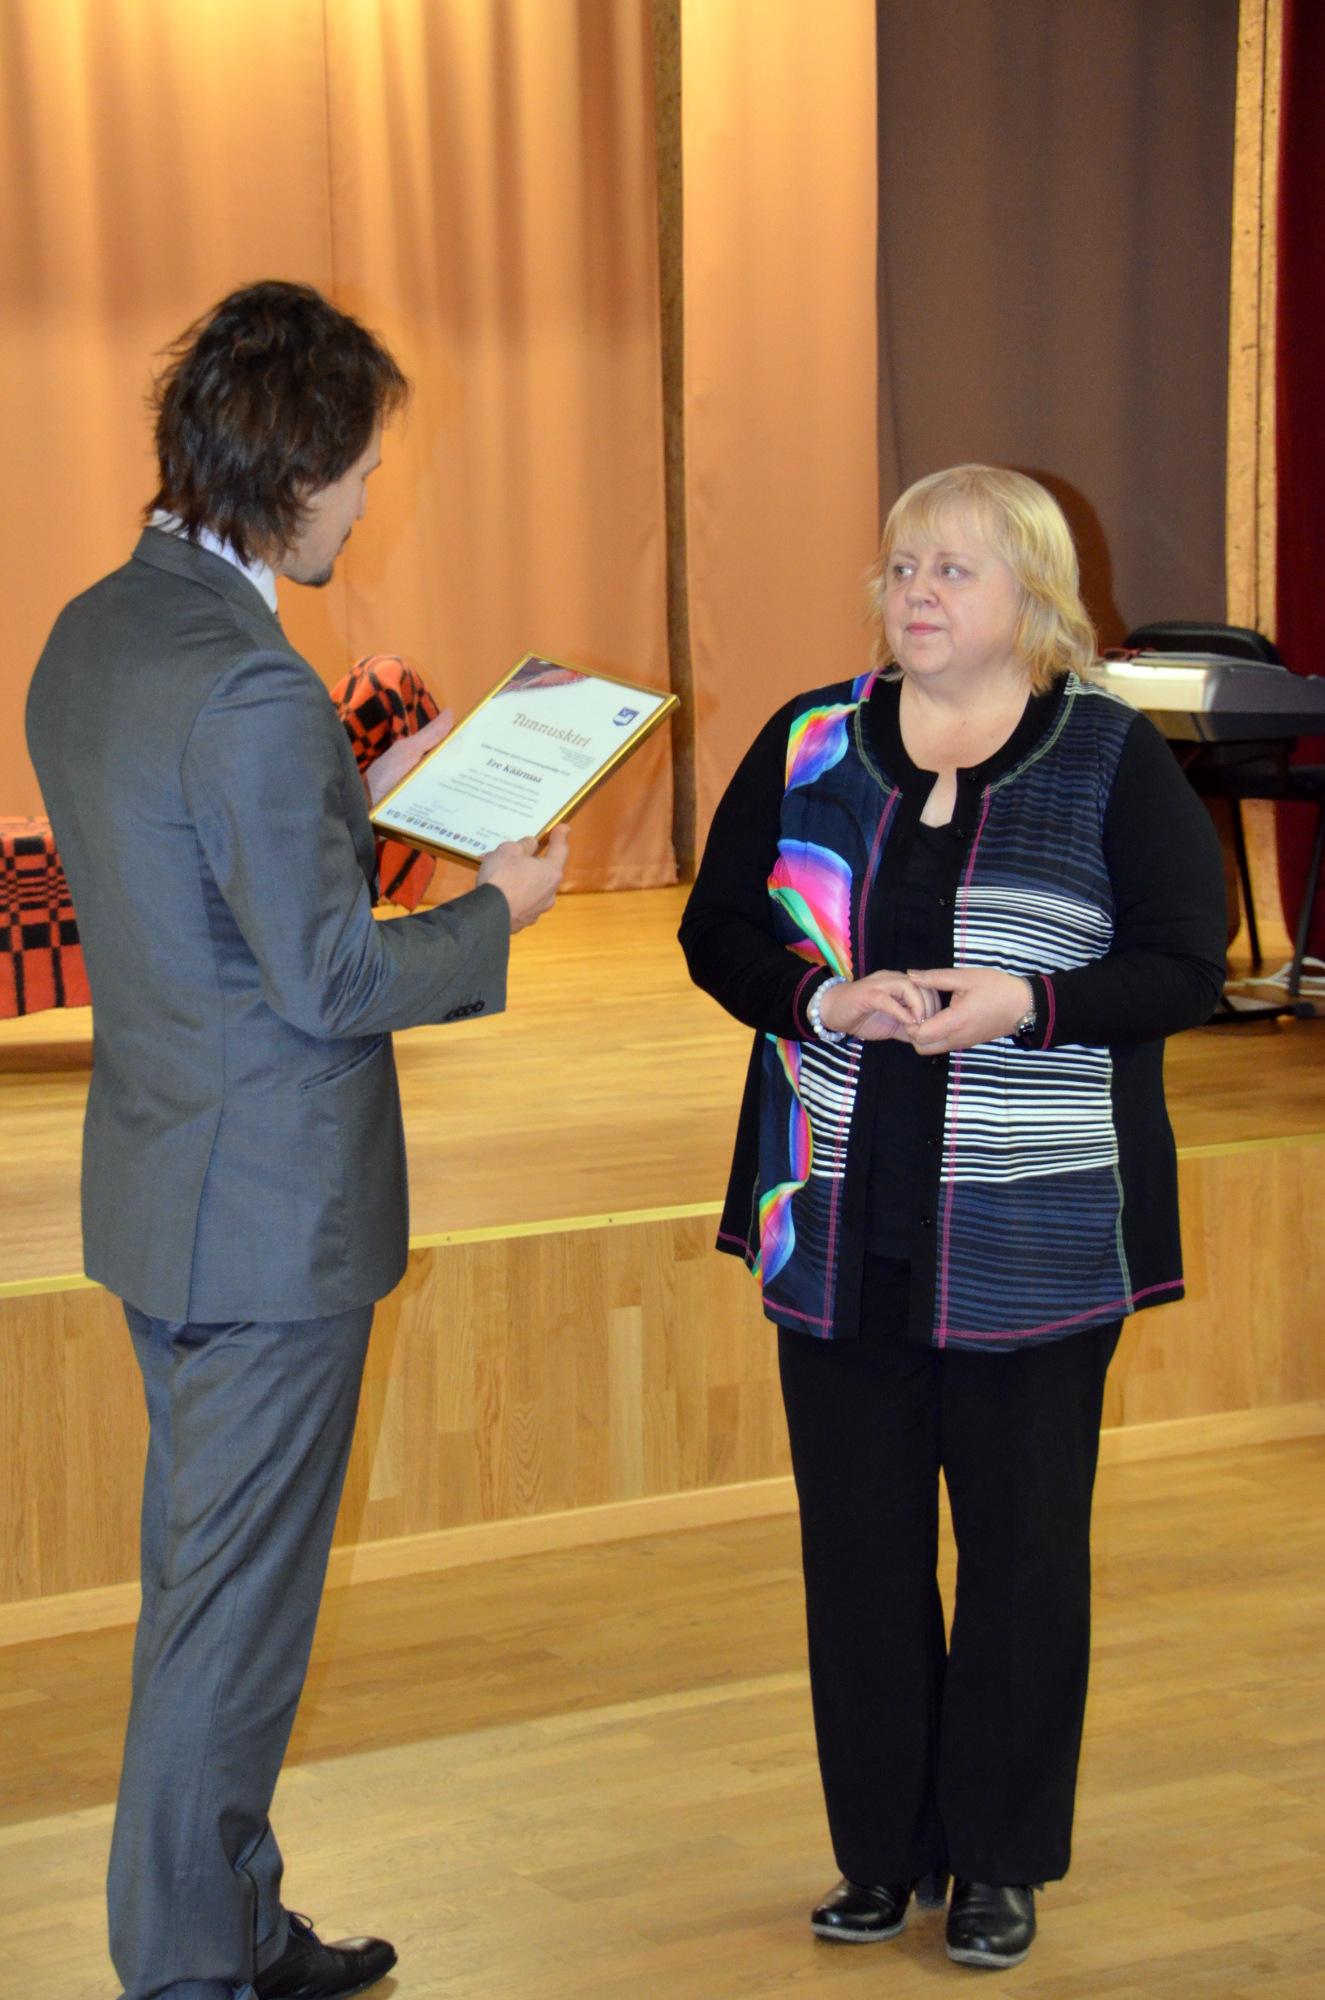 Lääne‐Virumaa aasta raamatukoguhoidja 2016 – Ere Käärmaa